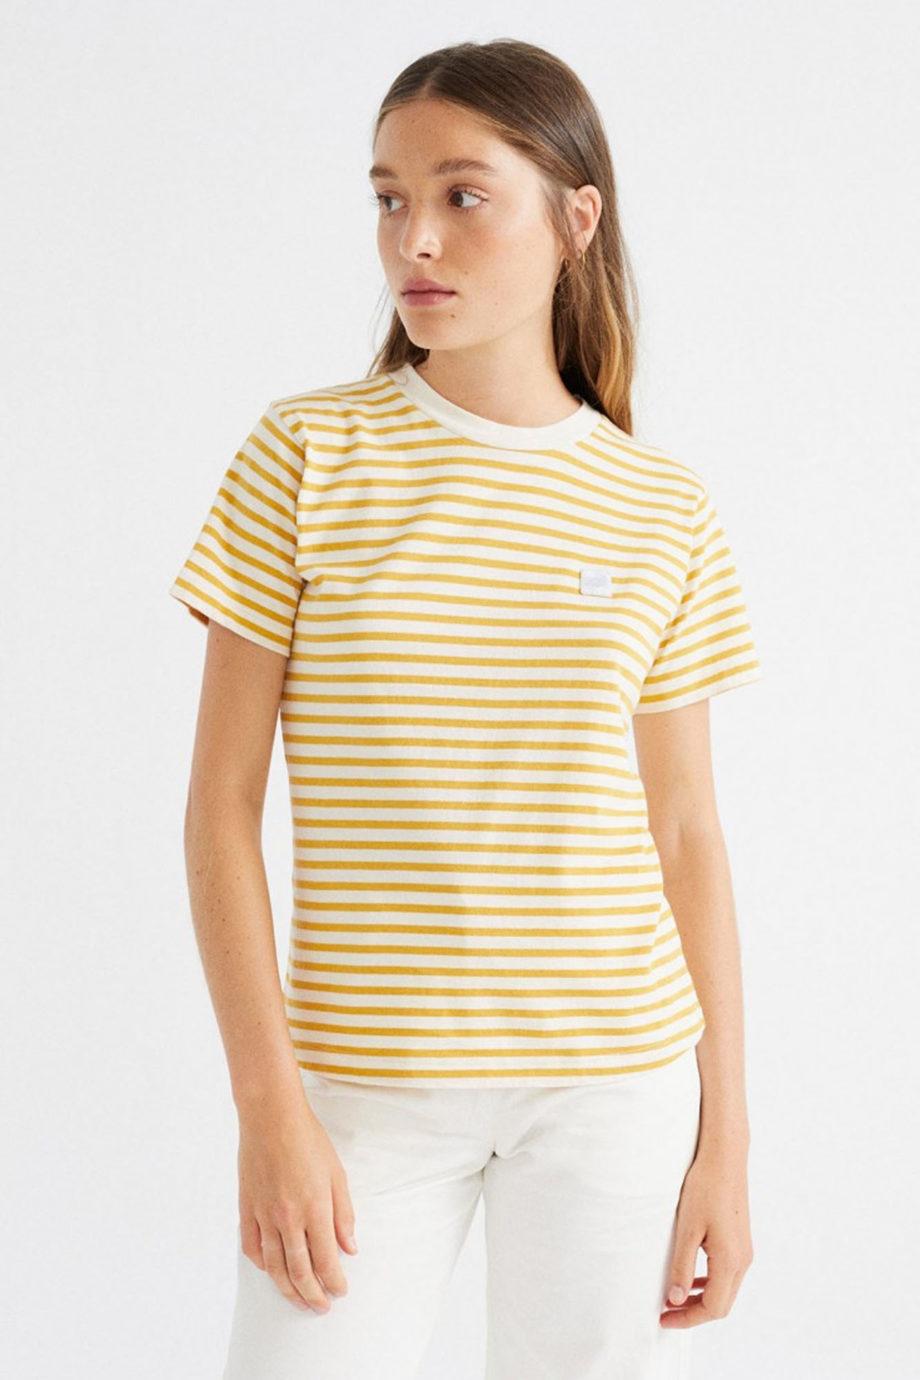 THINKING-MU-camiseta-rayas-MUSTARD